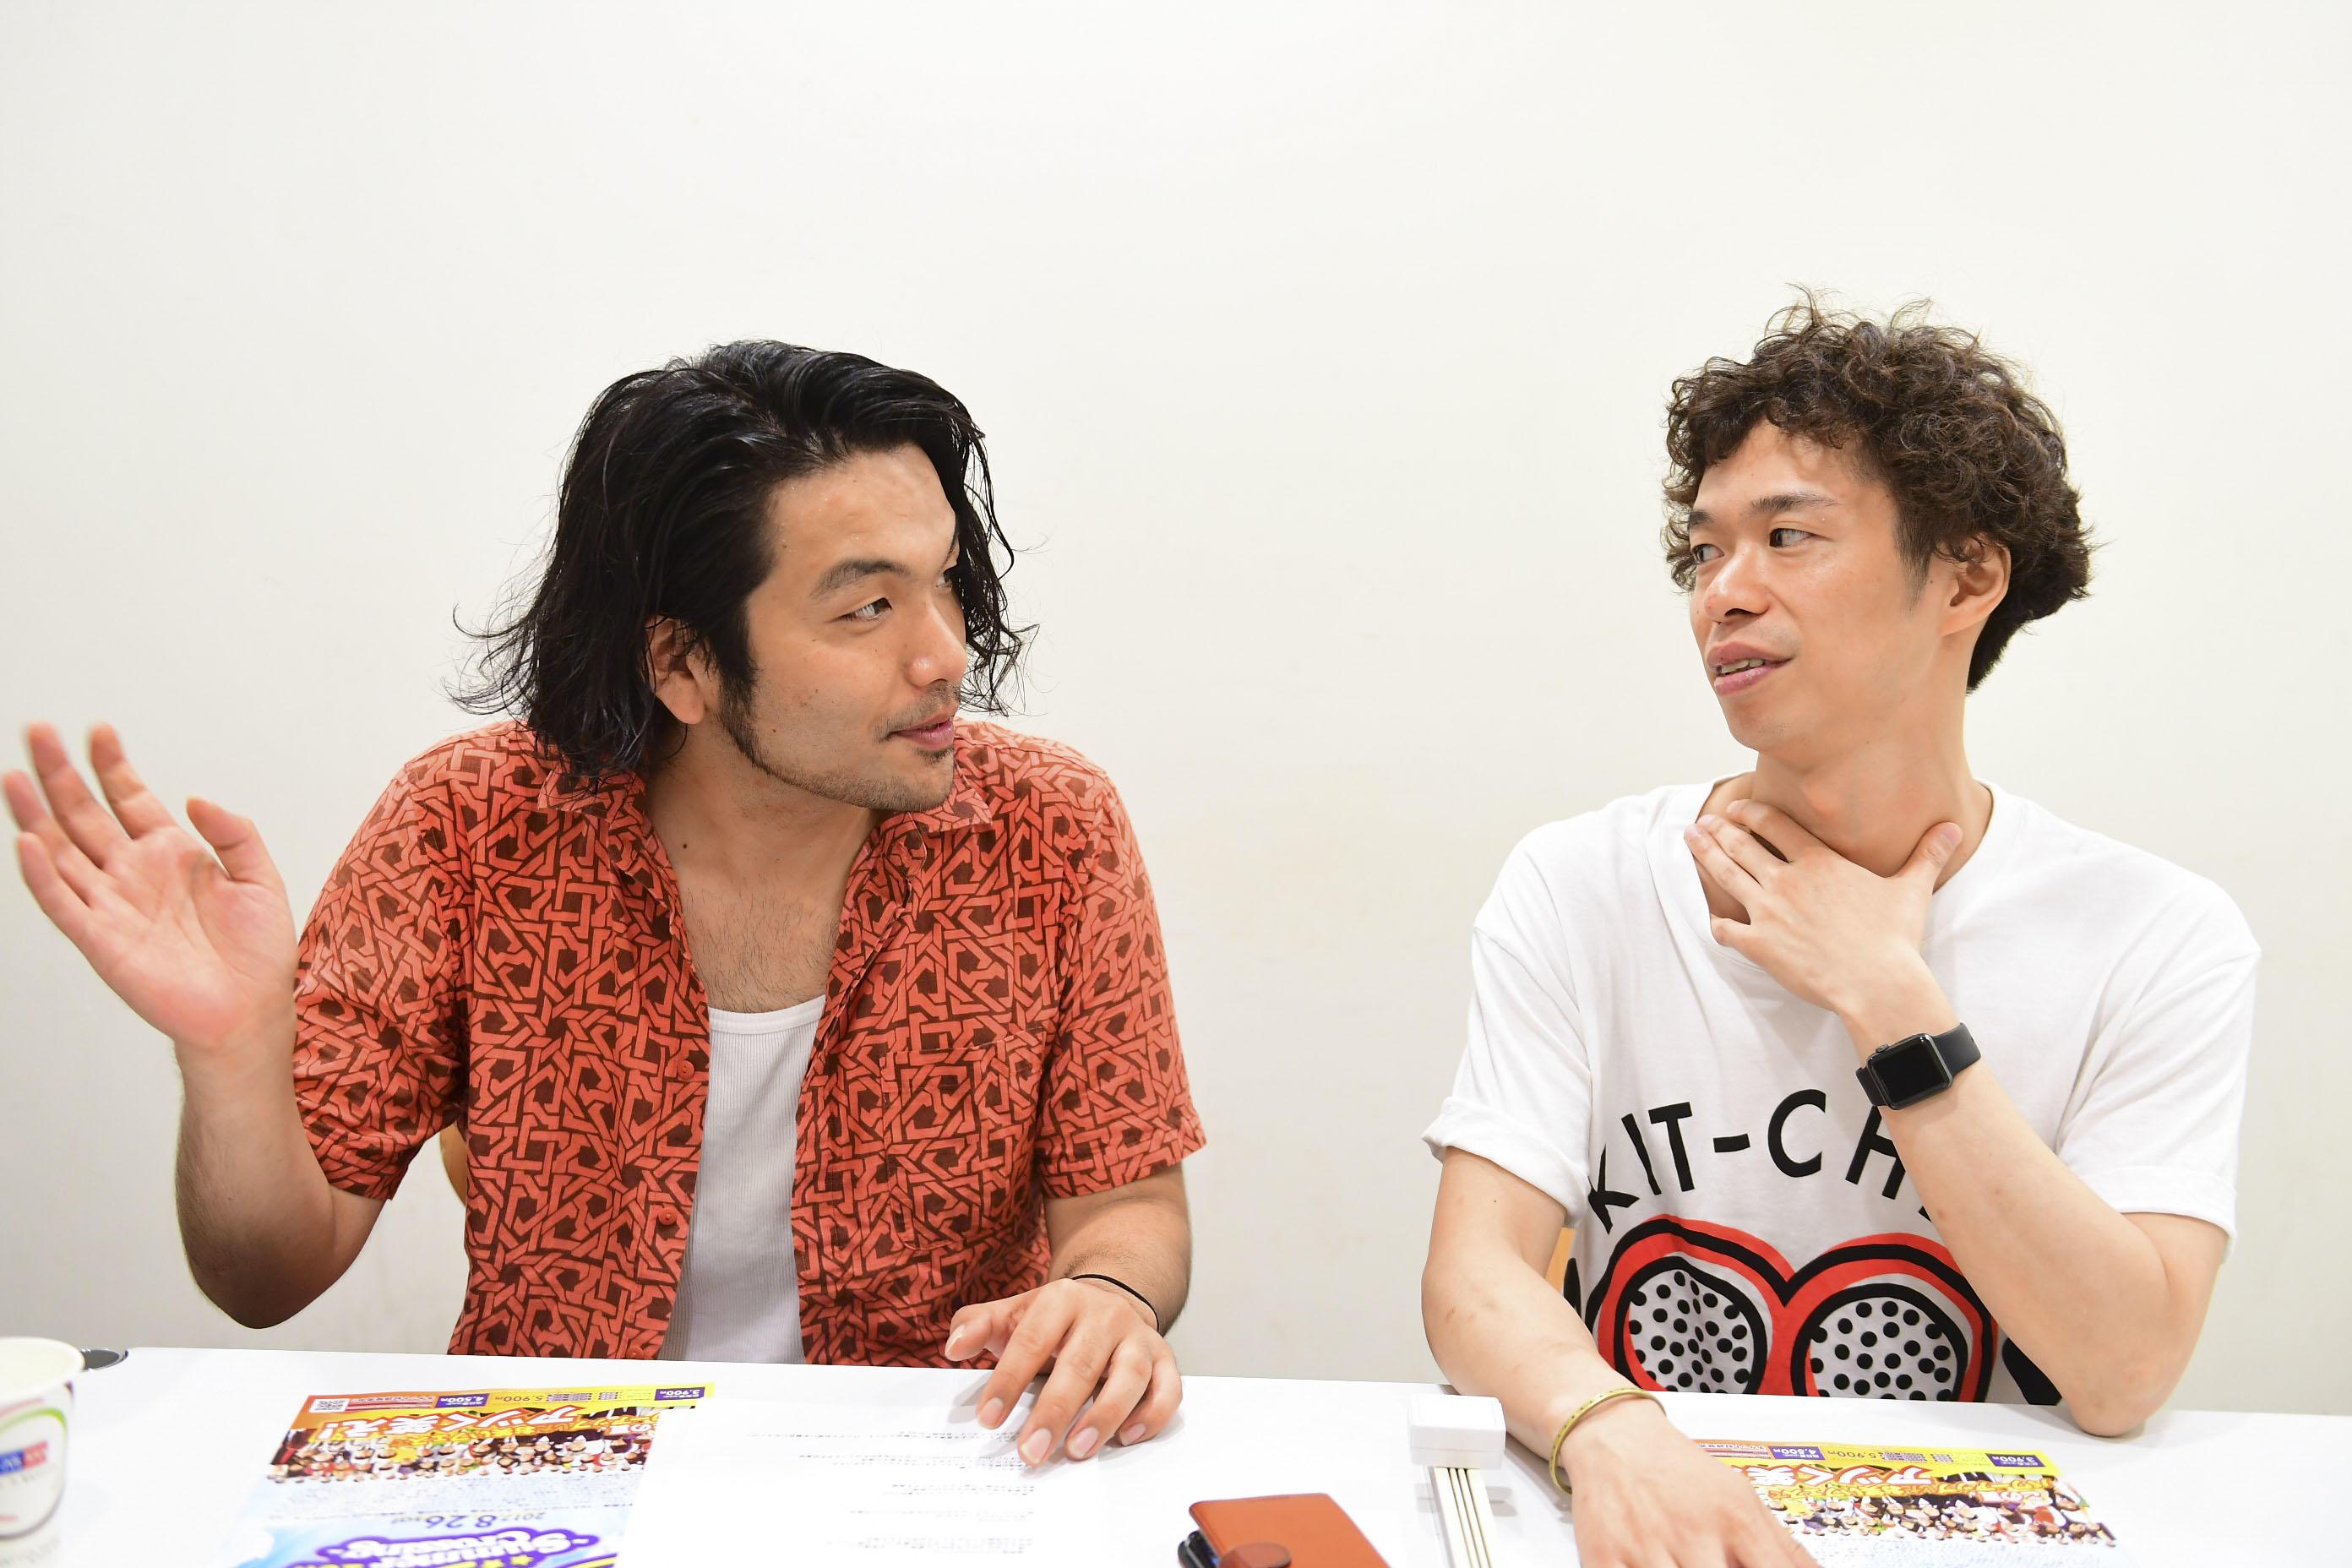 http://news.yoshimoto.co.jp/20170805100008-48d3165c8ef6305f157c63acf4c0be83dee8435d.jpg